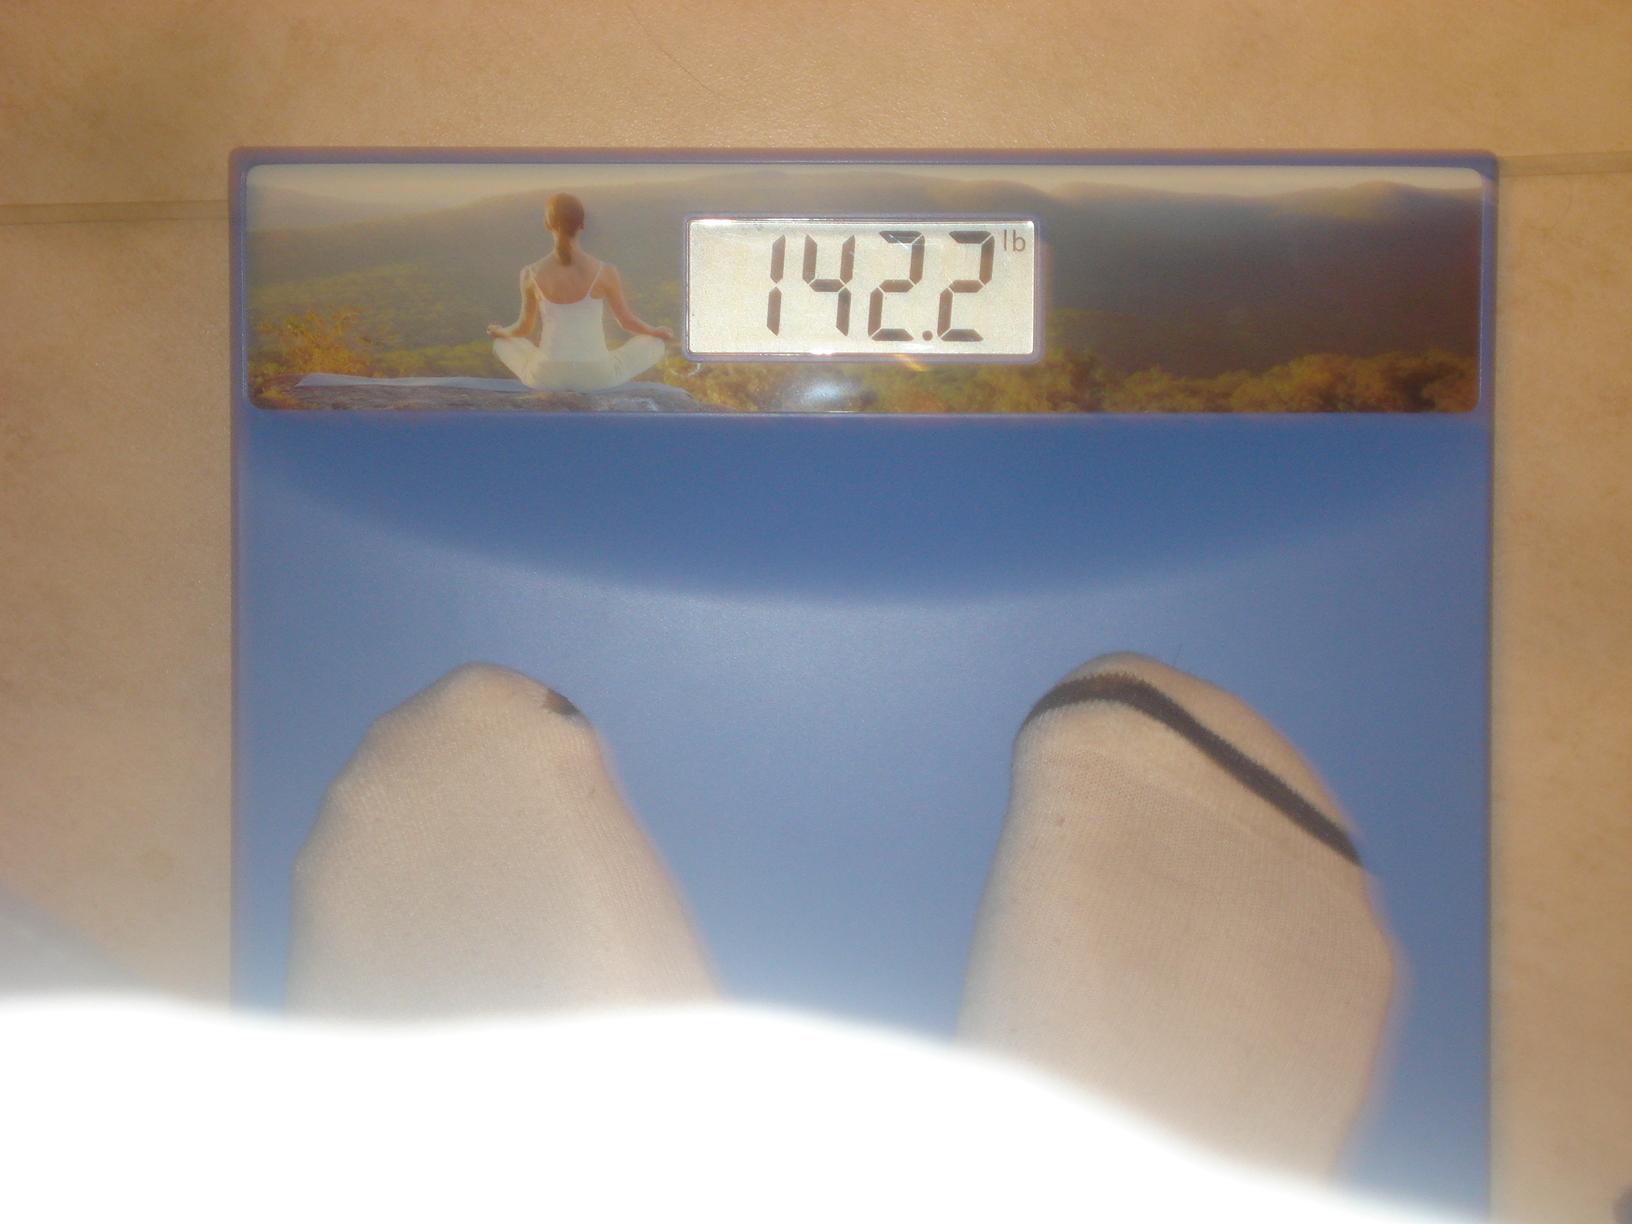 A few pounds lighter